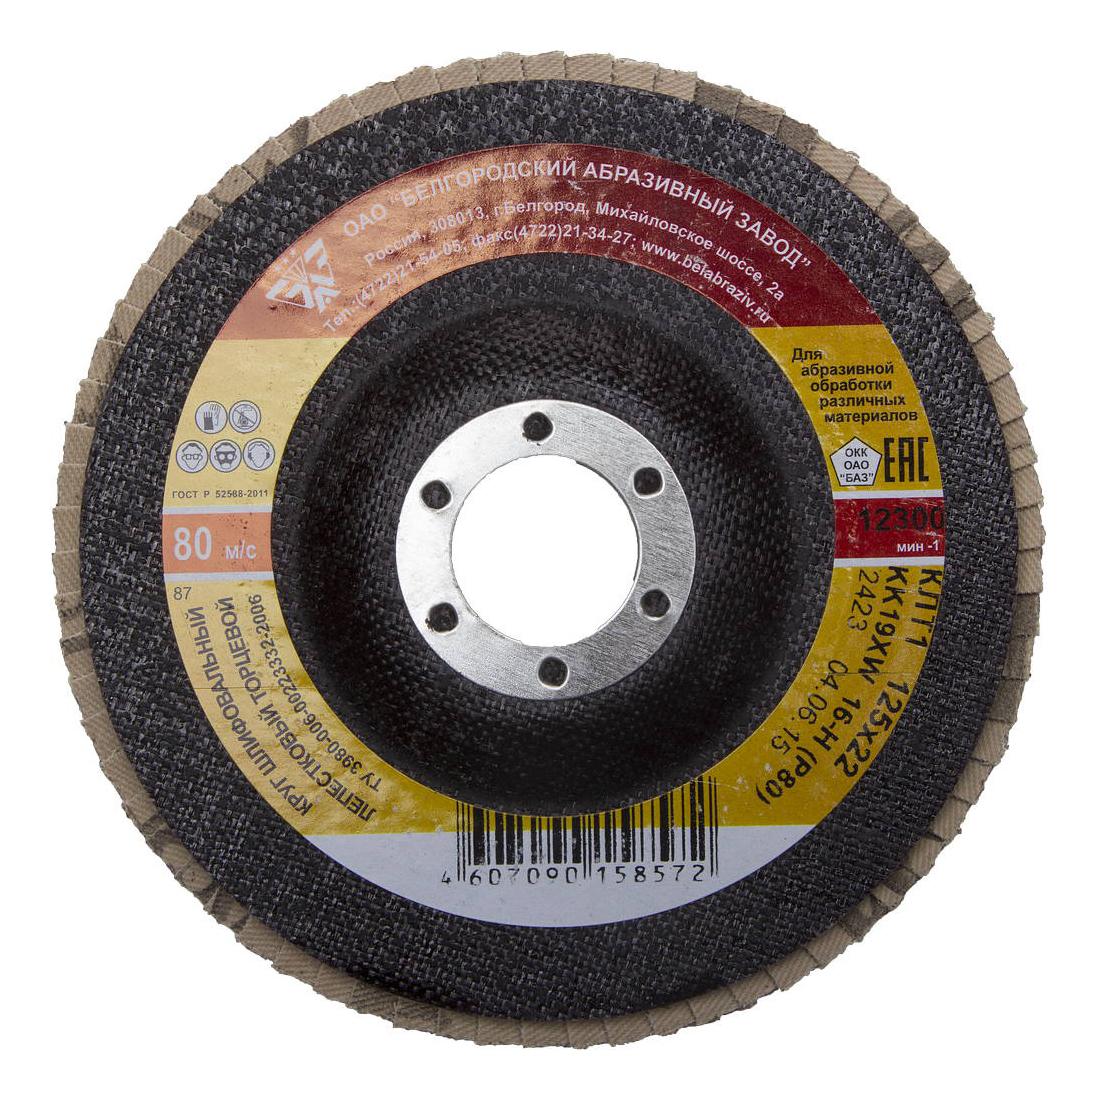 Диск лепестковый для угловых шлифмашин БАЗ 36563-125-80 фото